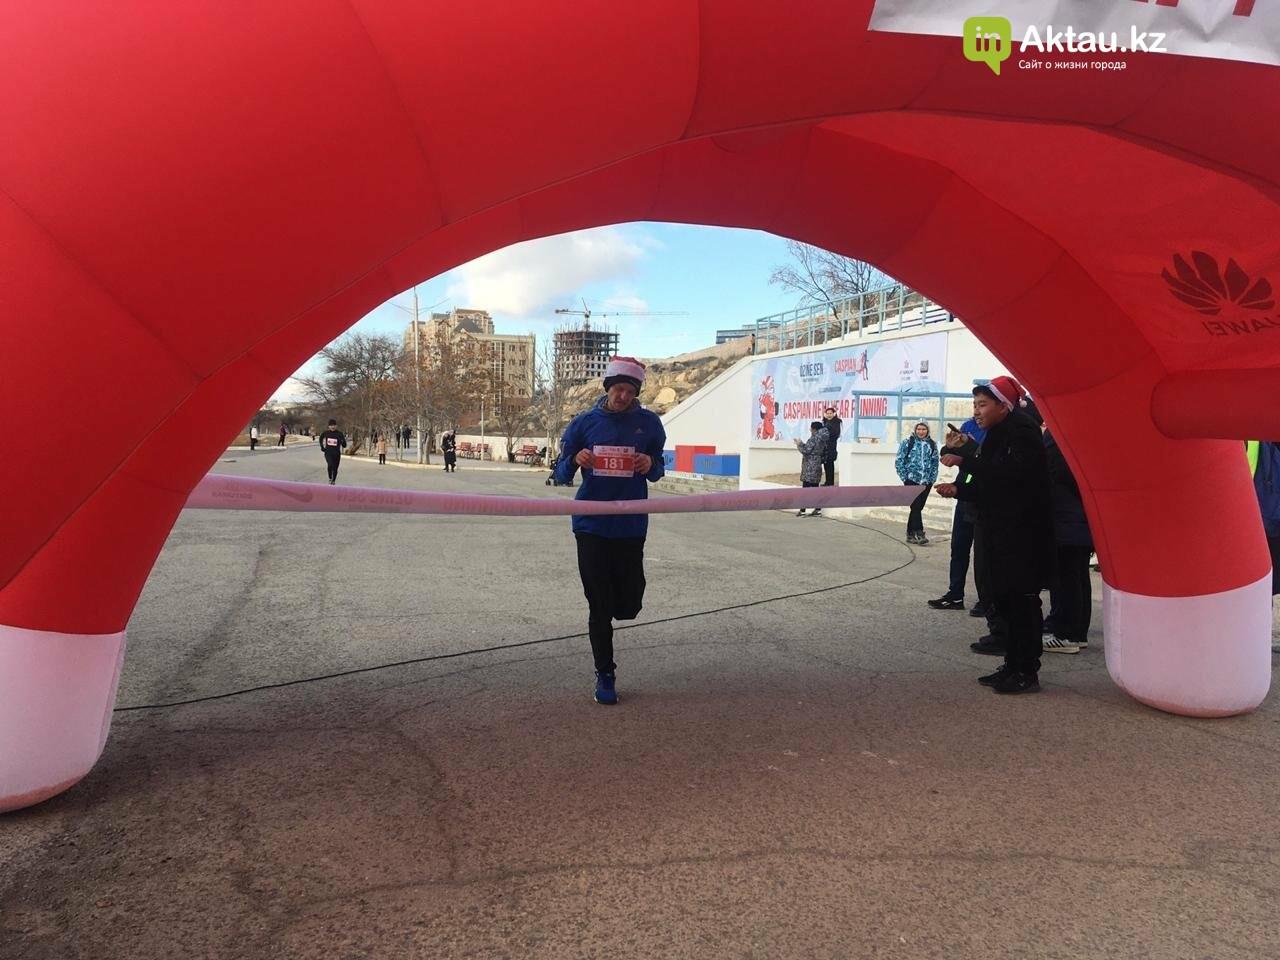 Новогодний забег Дедов Морозов прошел в Актау, фото-2